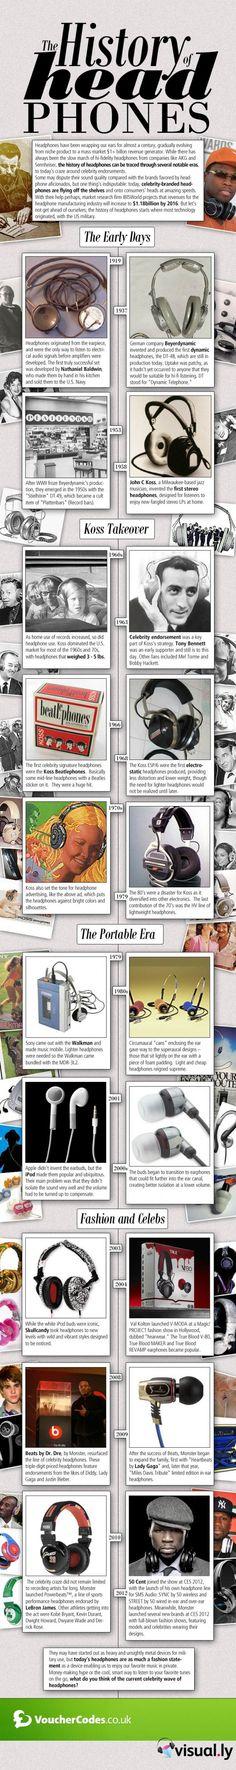 #Musique : Histoire des écouteurs & casques #audio (1919-2012) #infographie